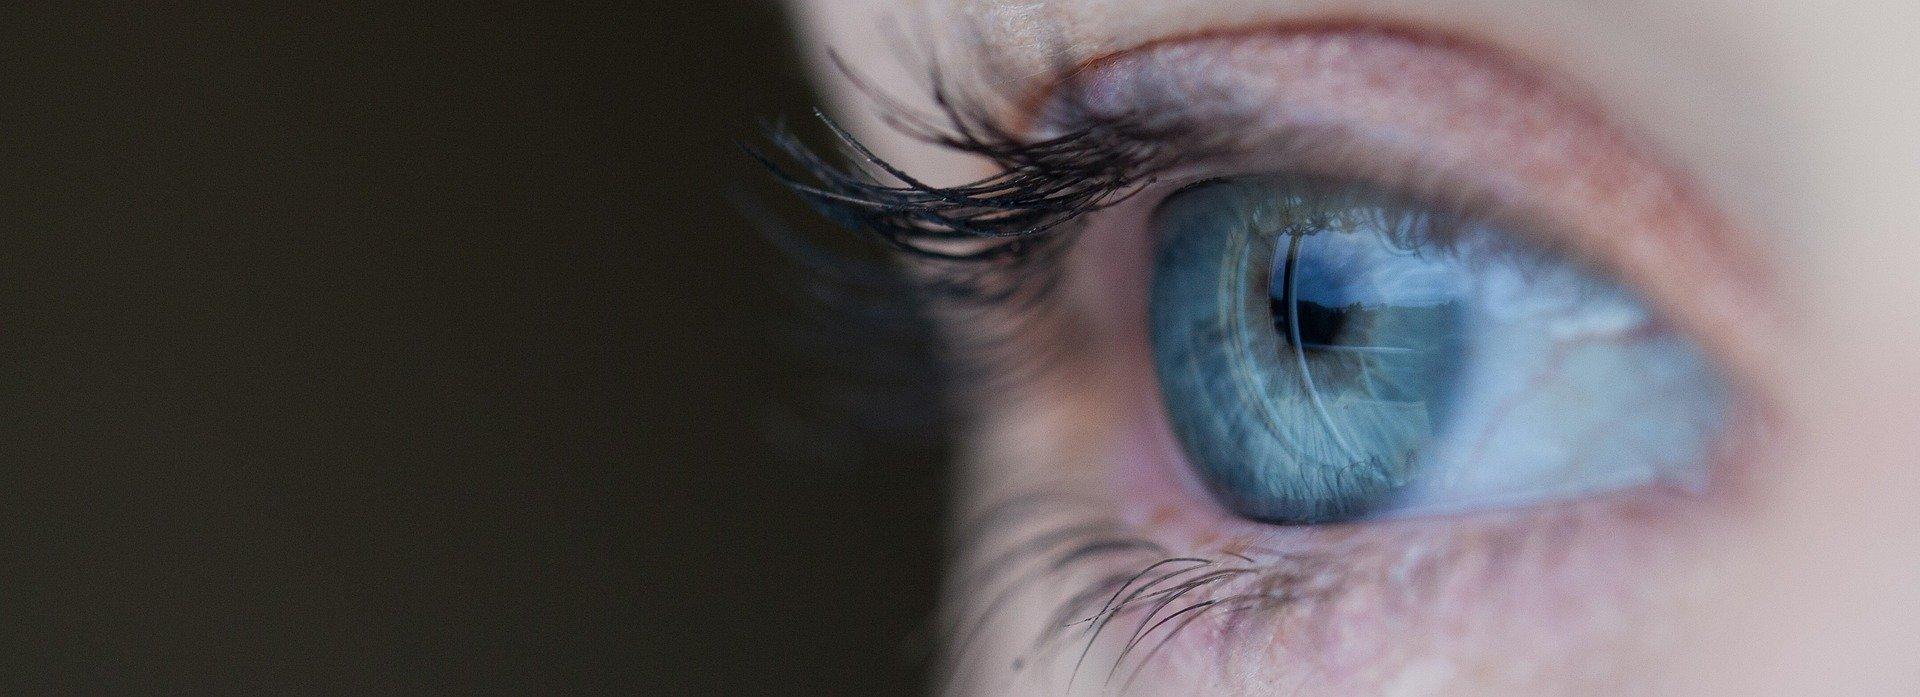 ojo mirada